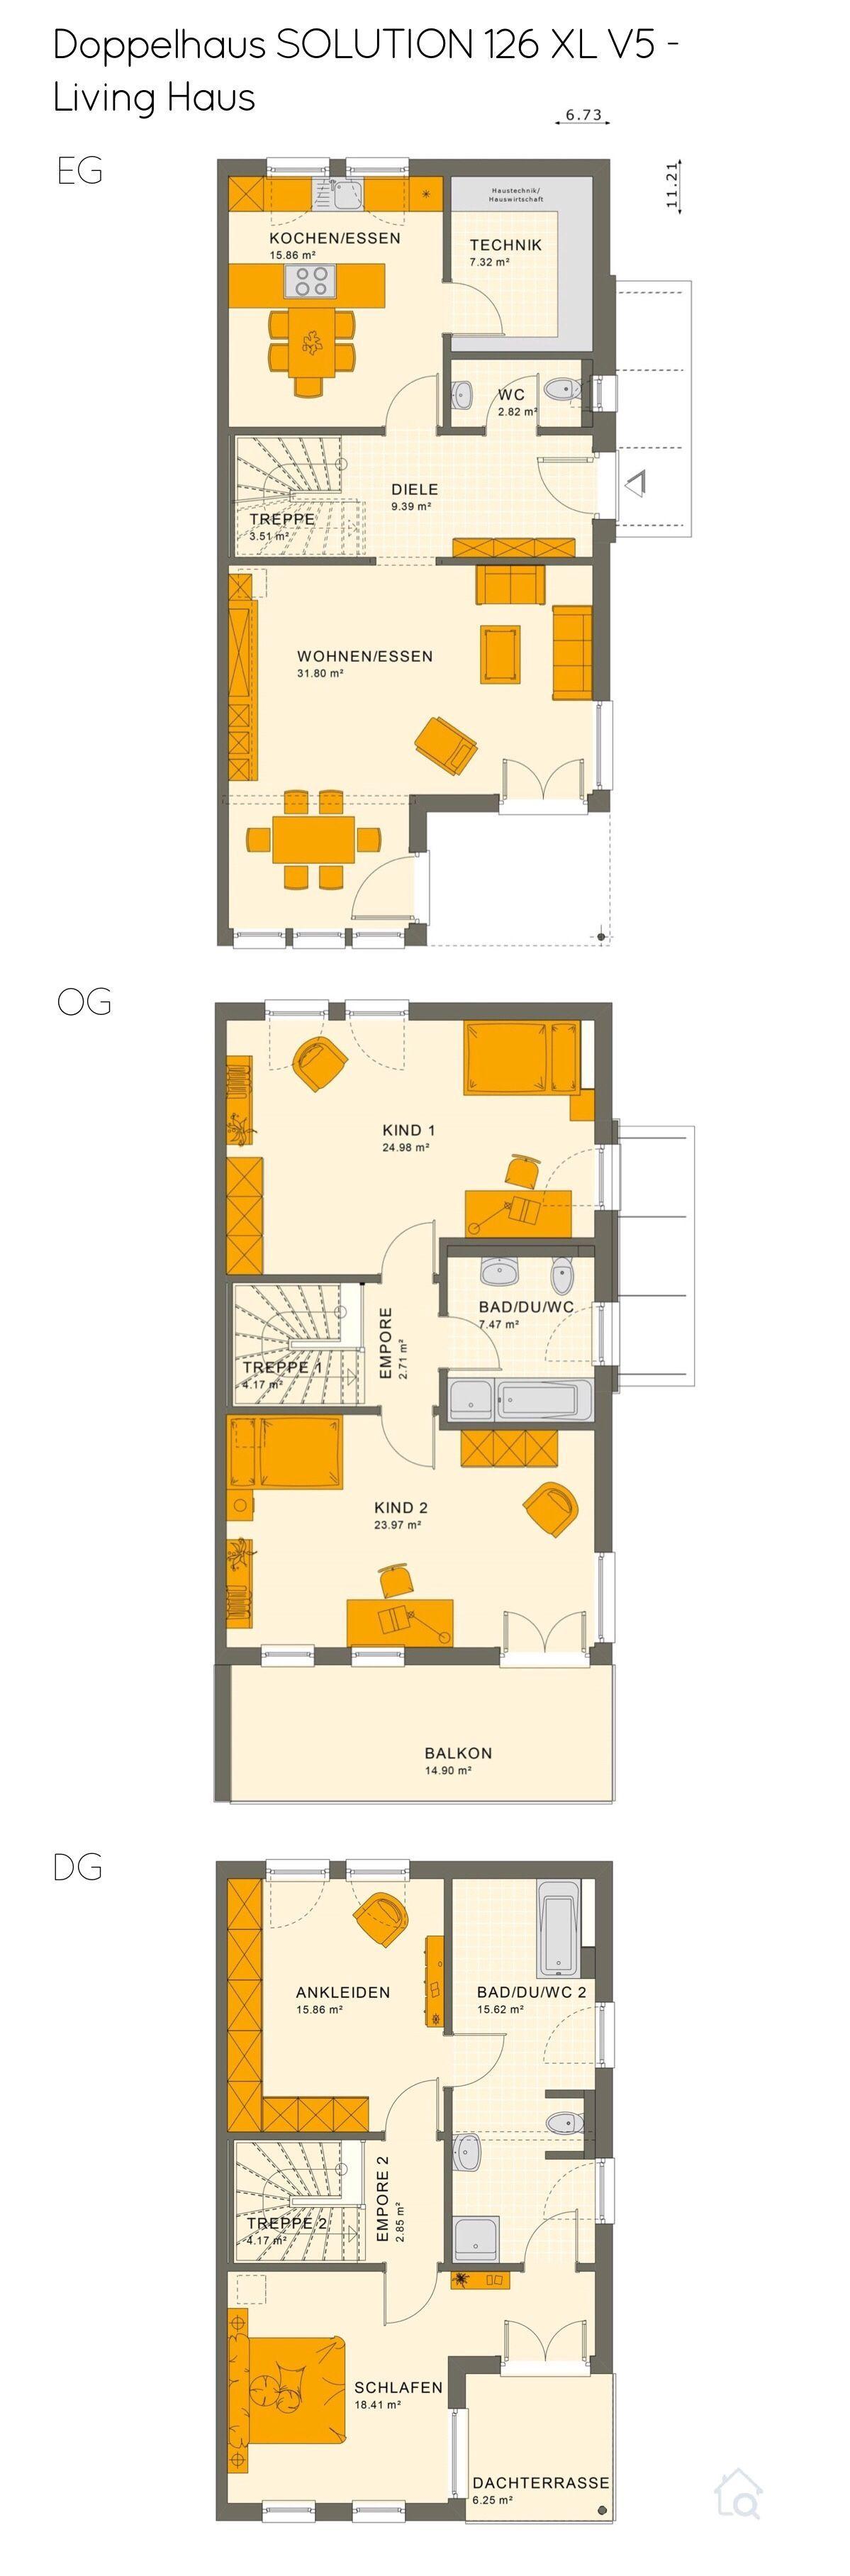 Doppelhaus Grundriss modern mit Flachdach Architektur